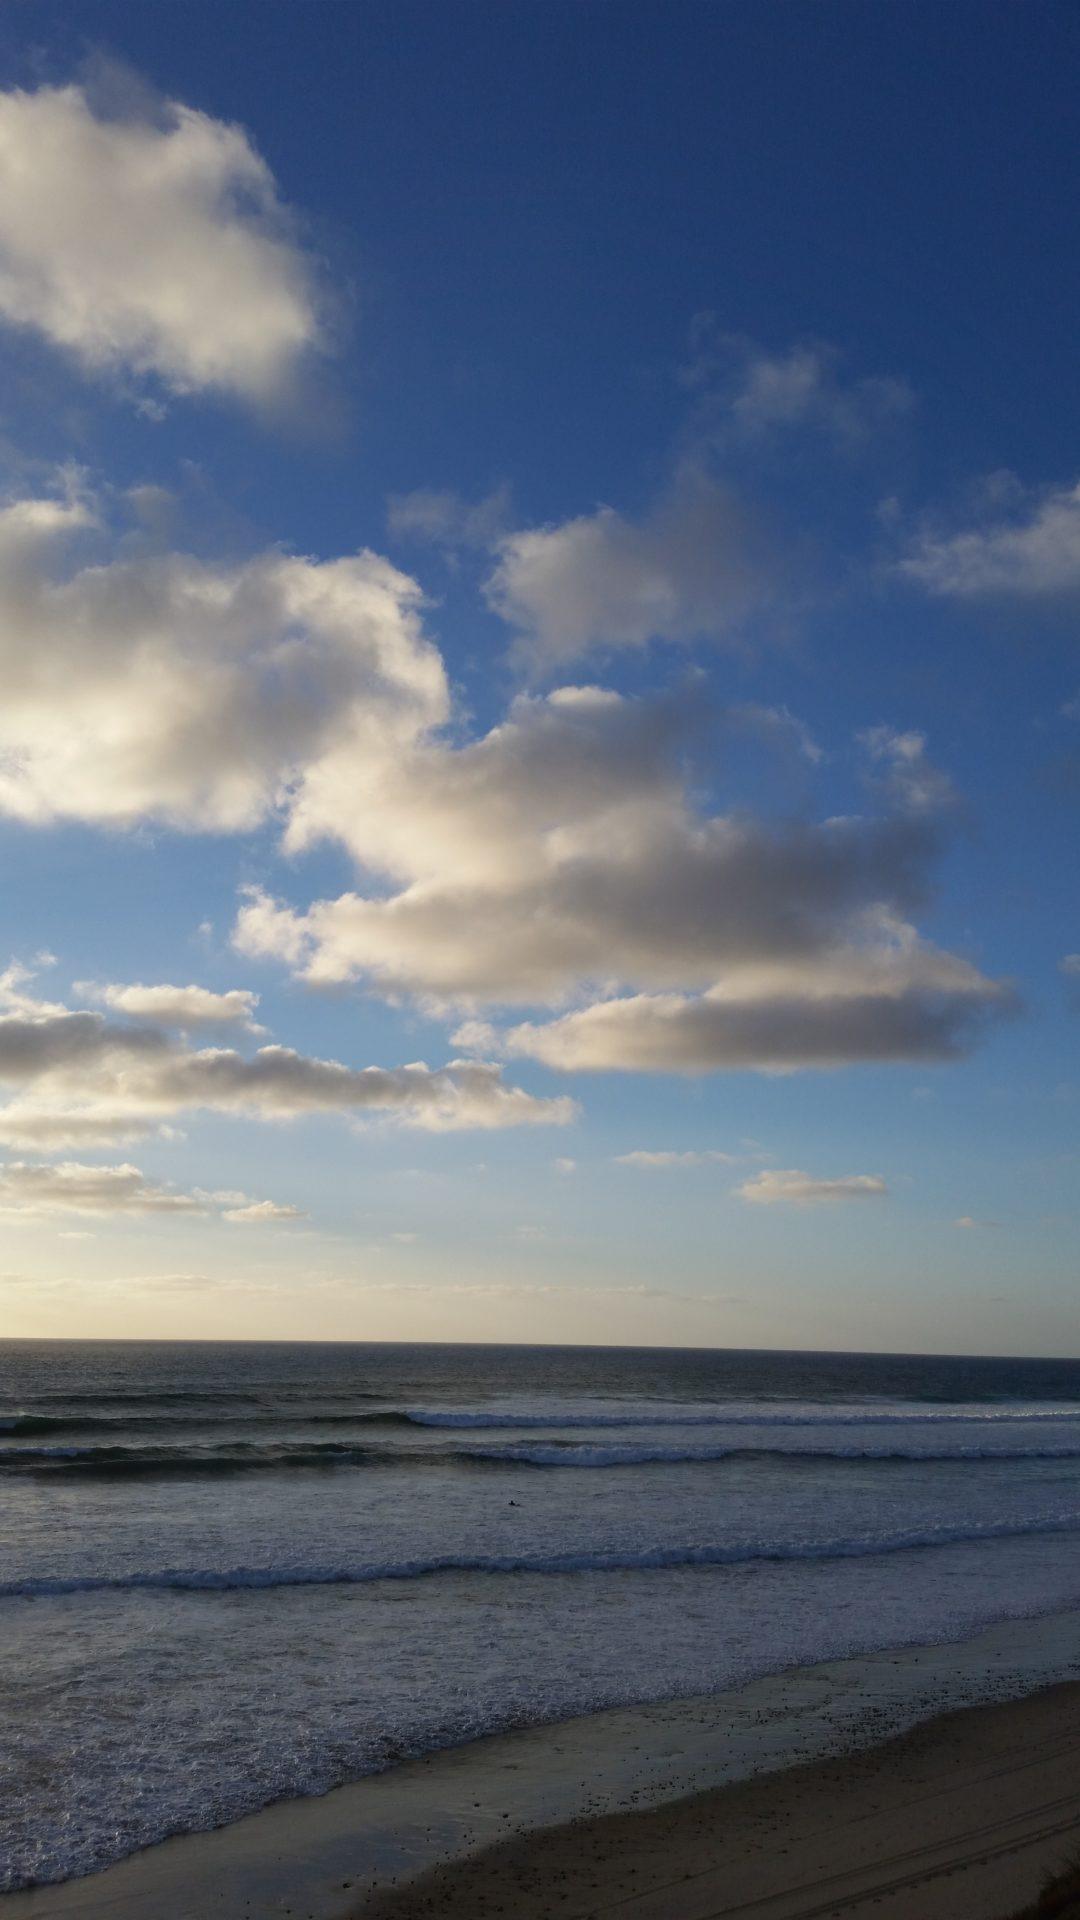 Ocean Again